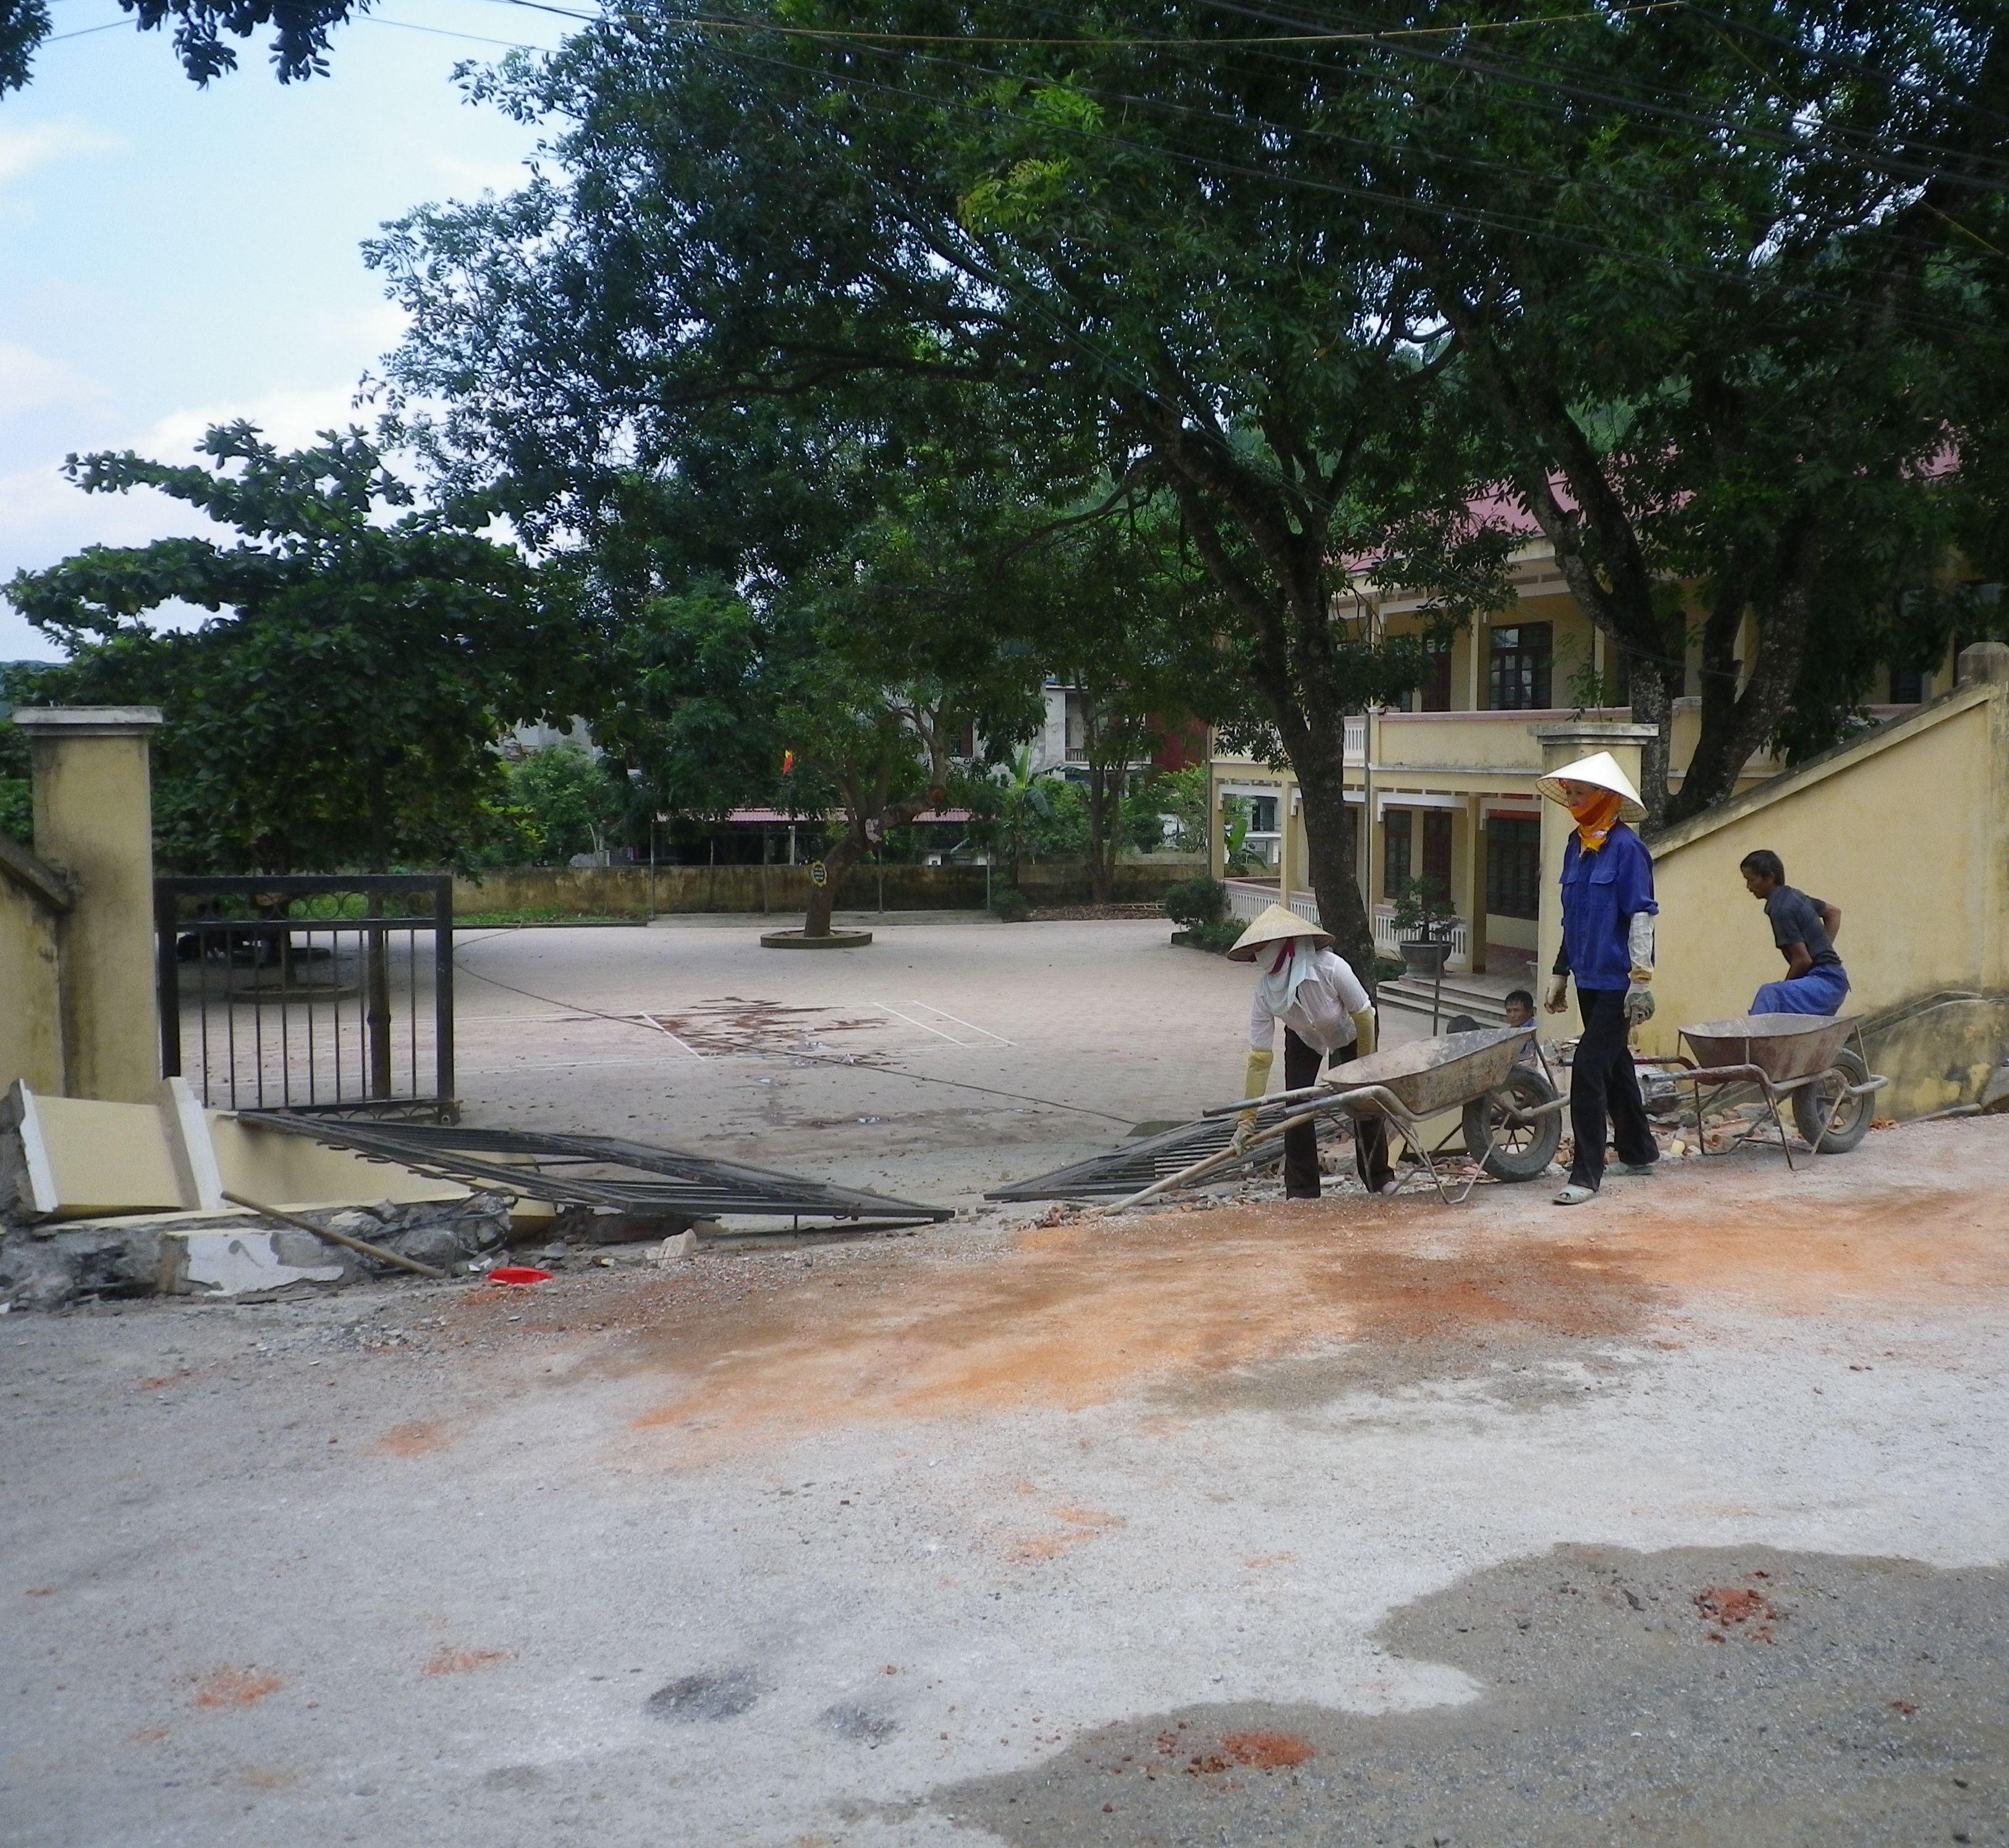 Thanh Hóa: Ô tô kéo sập cổng trường, 5 người thương vong 1